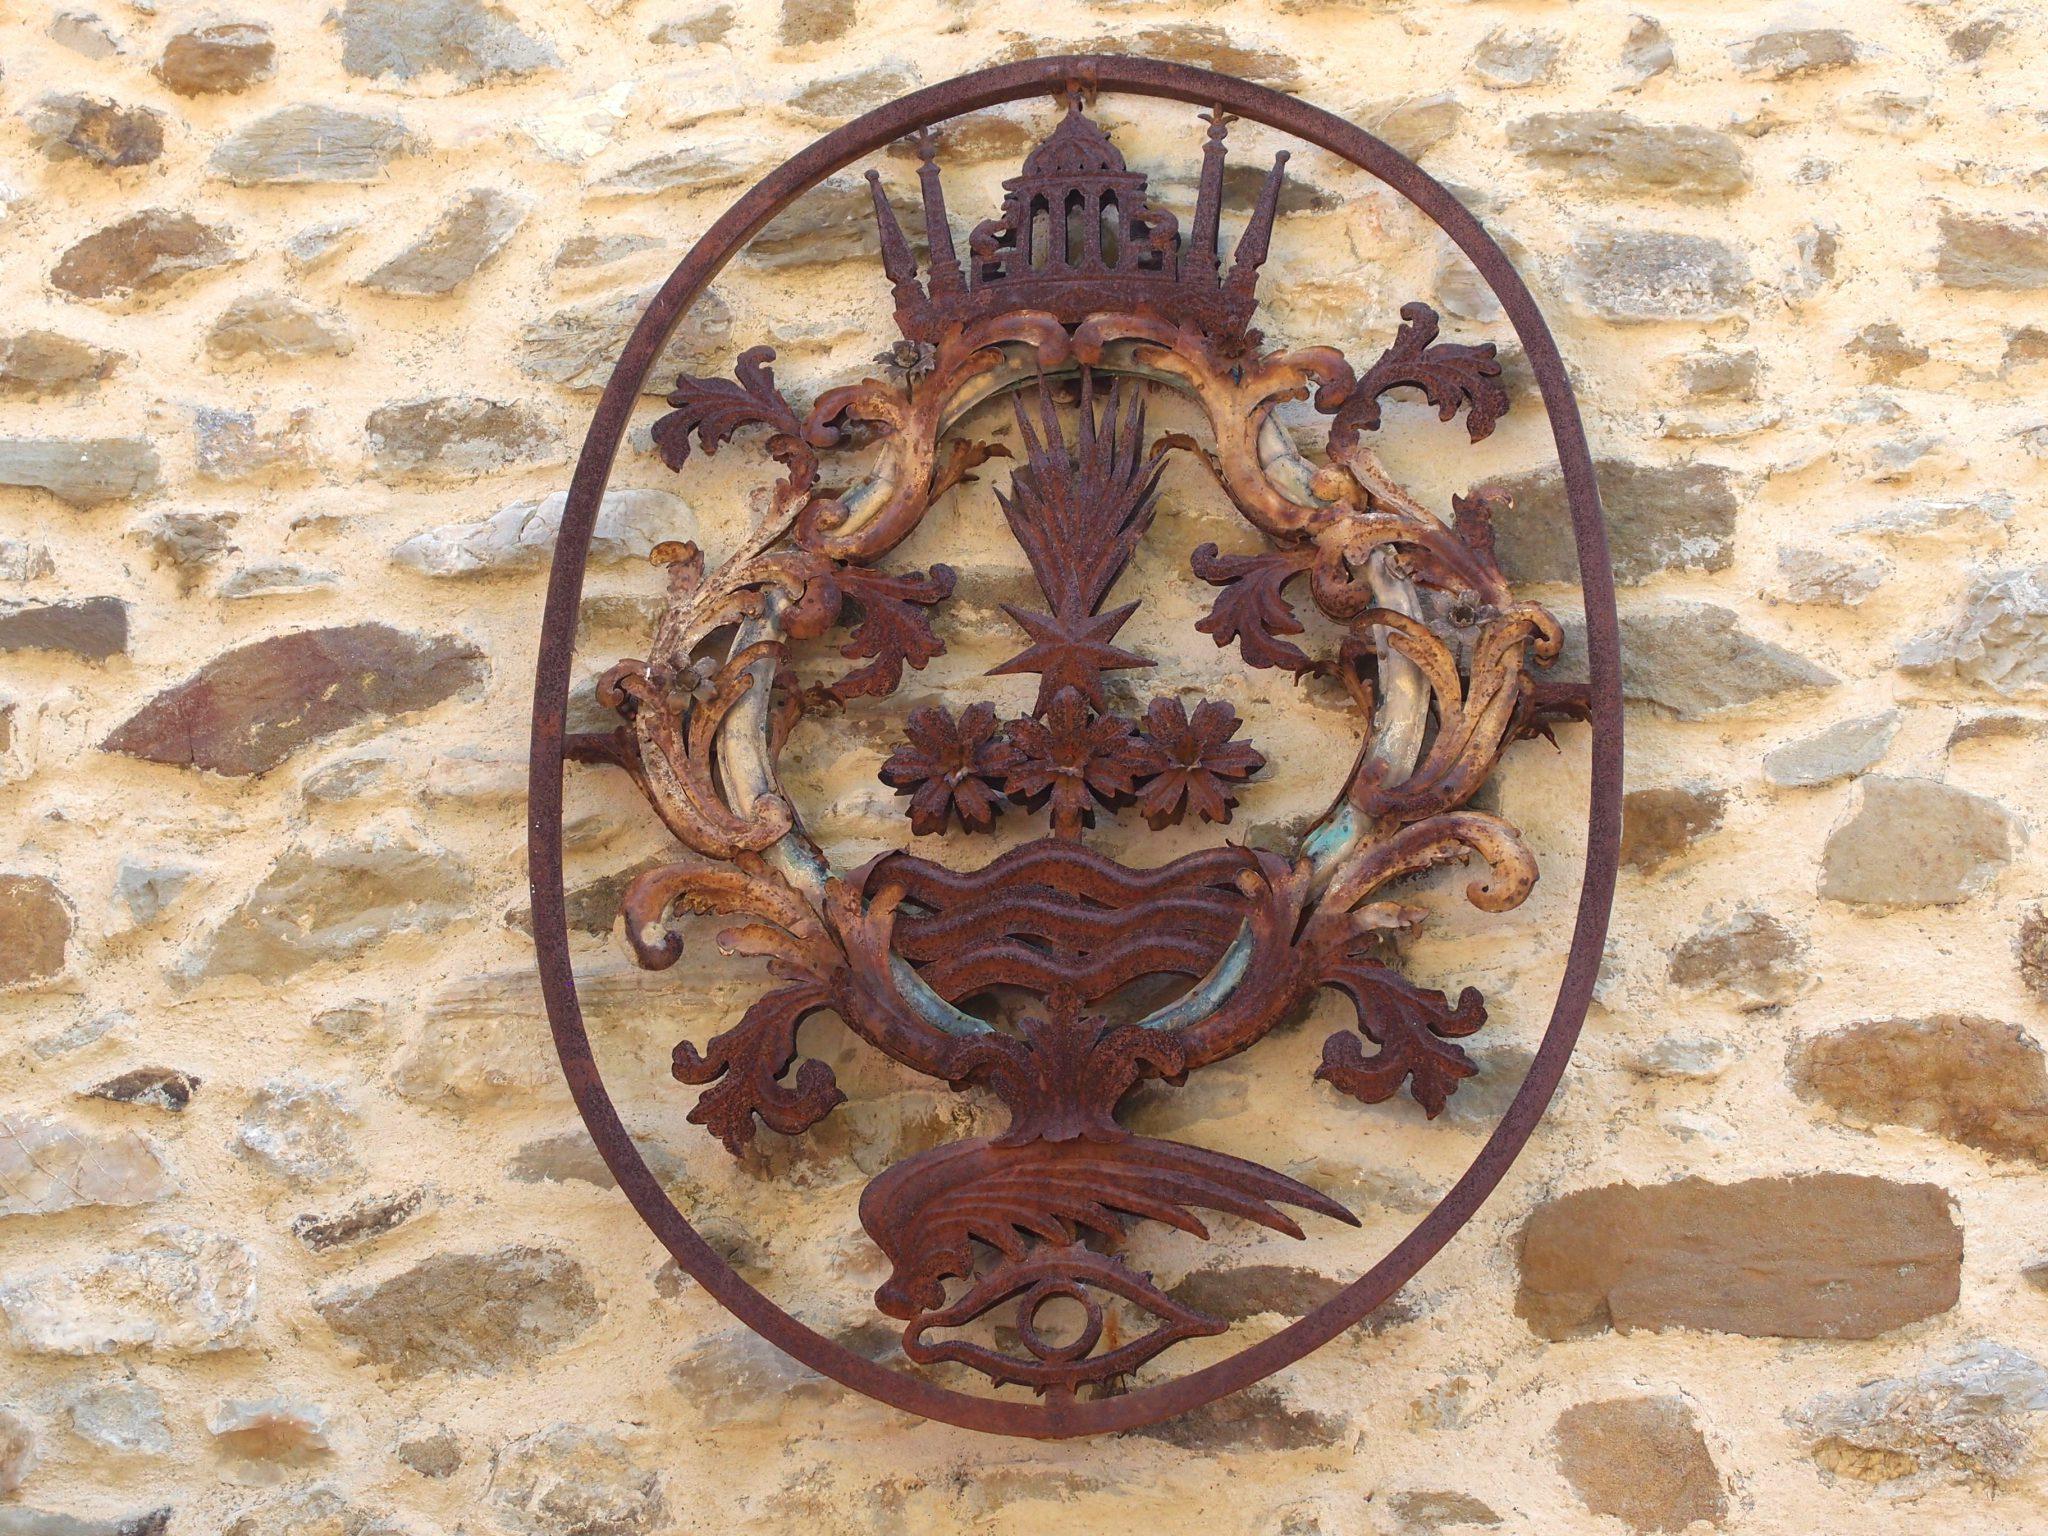 A Heraldic Symbol, as we approach the Garden